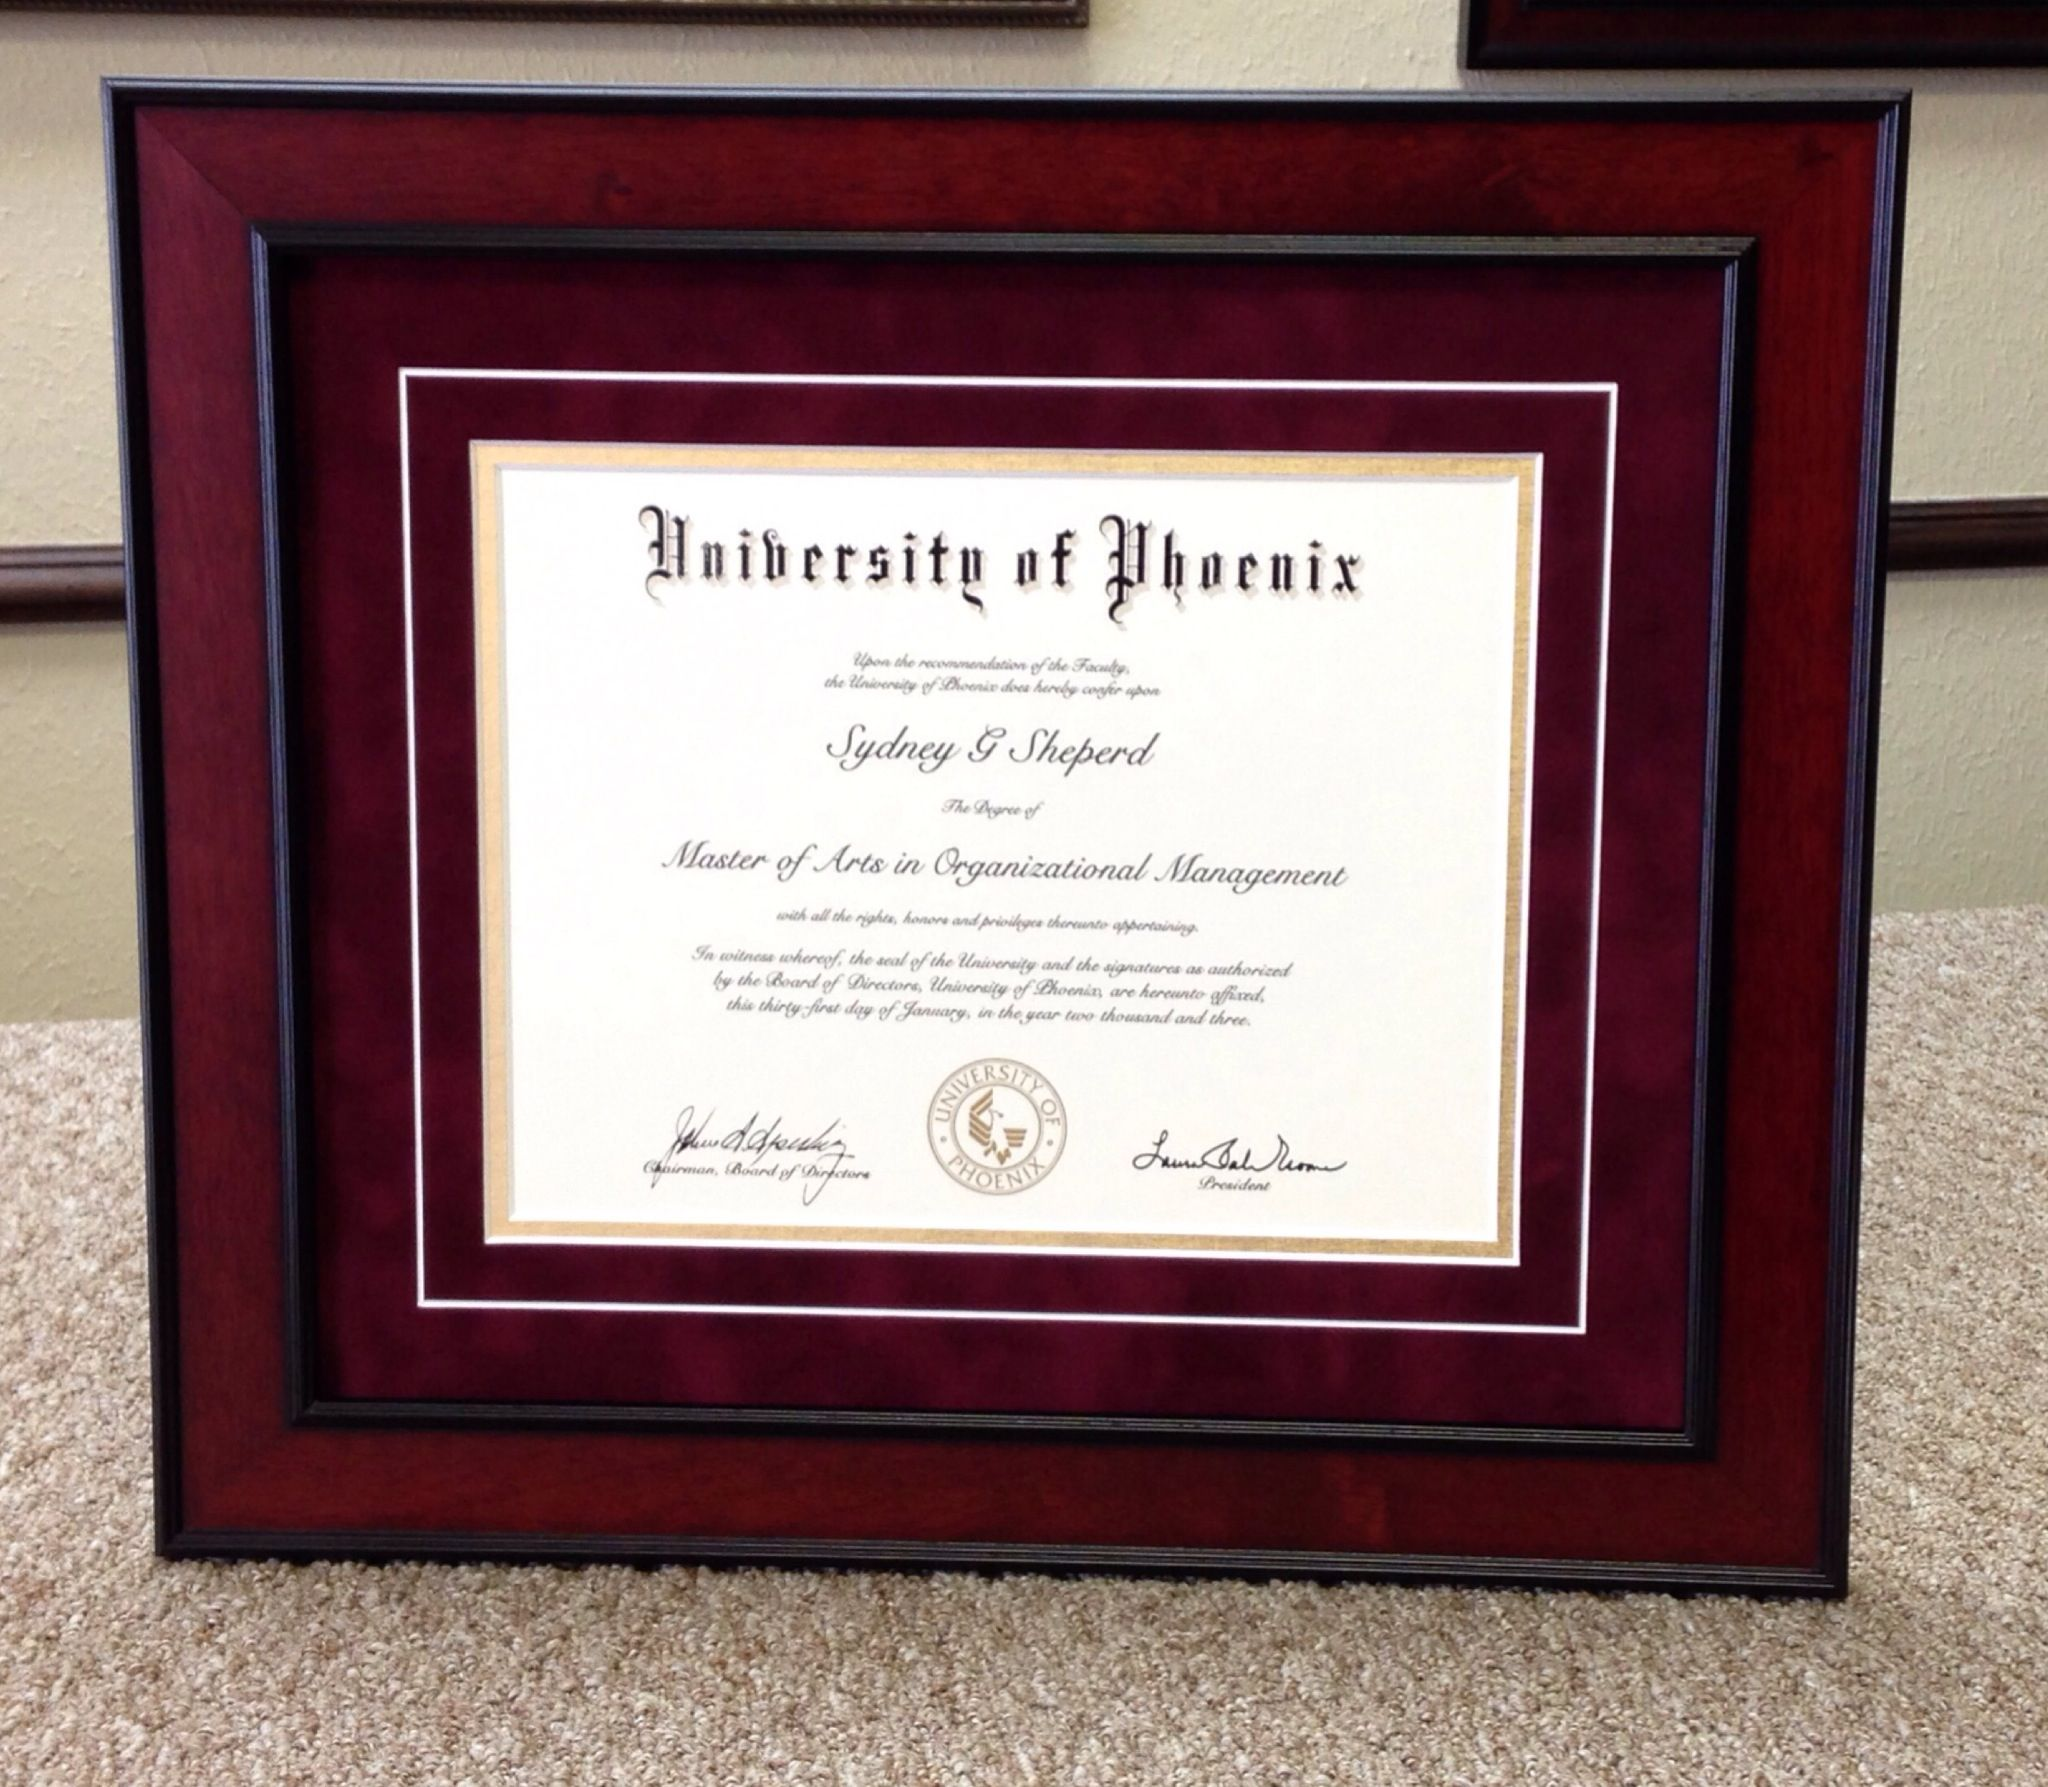 University of phoenix degree custom framed framing of degrees university of phoenix degree custom framed filmwisefo